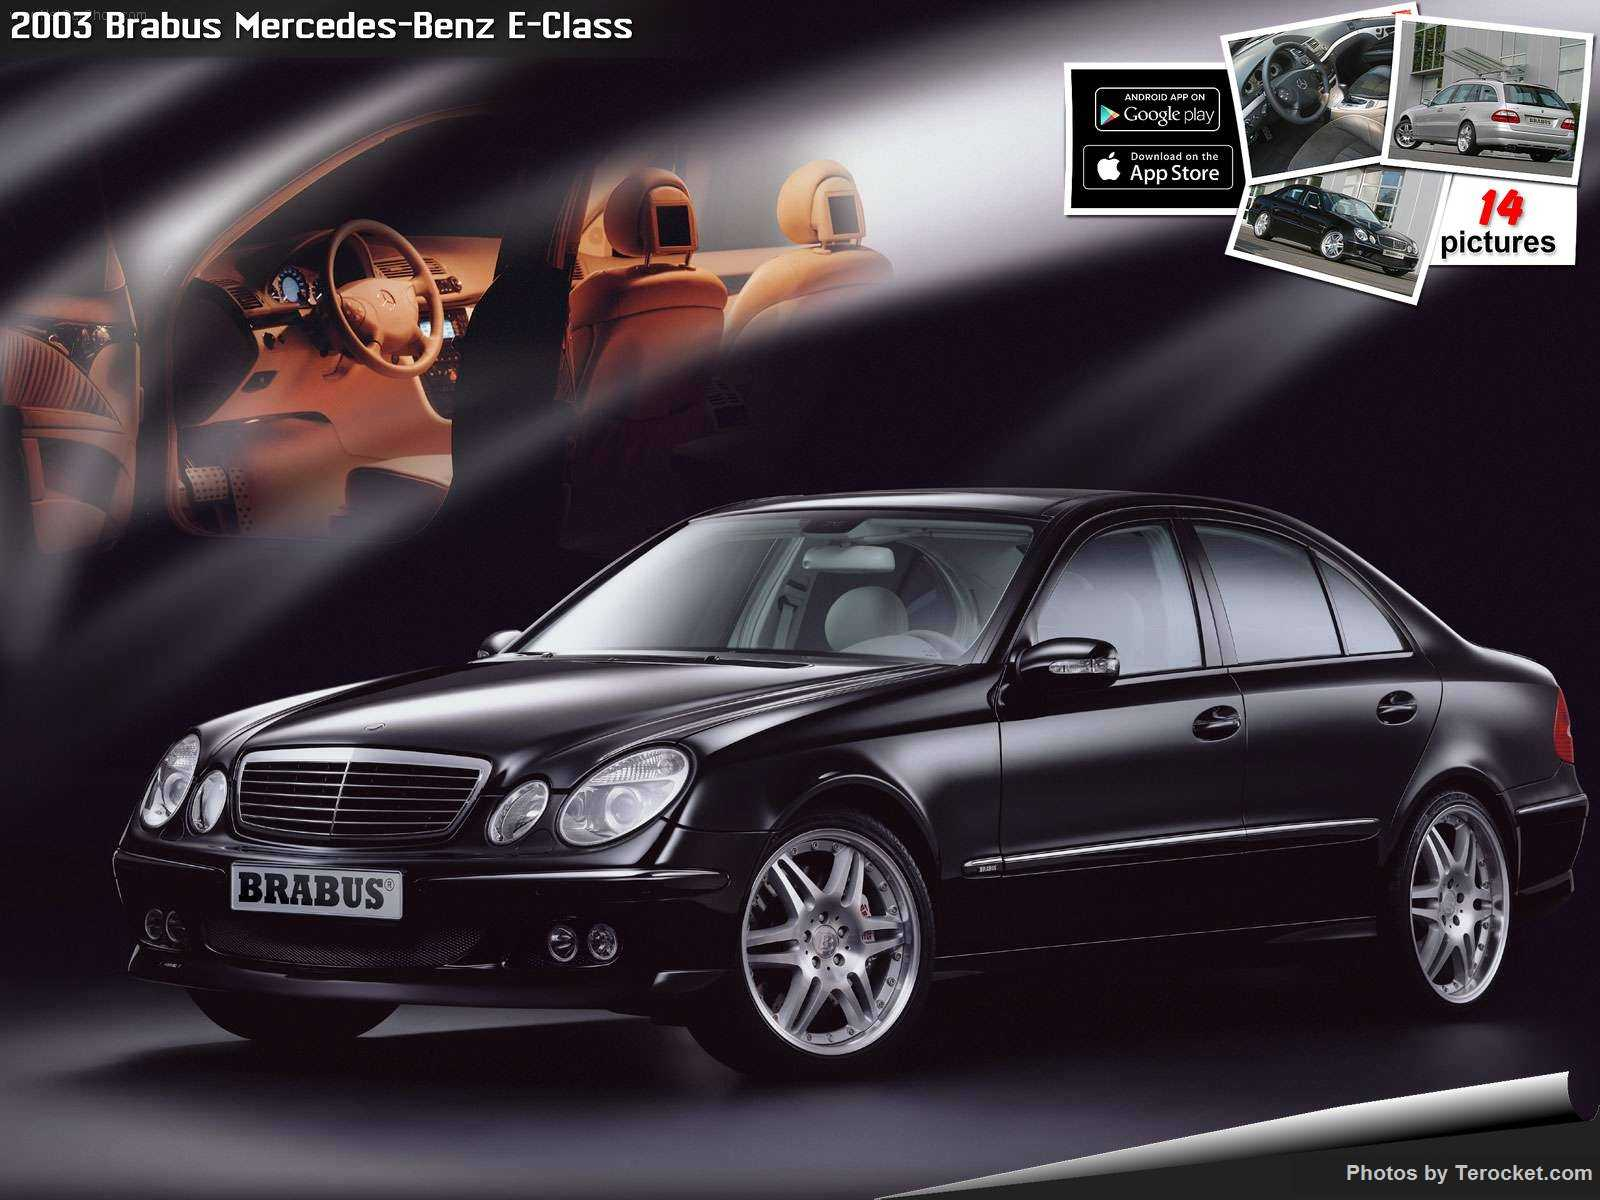 Hình ảnh xe ô tô Brabus Mercedes-Benz E-Class 2003 & nội ngoại thất